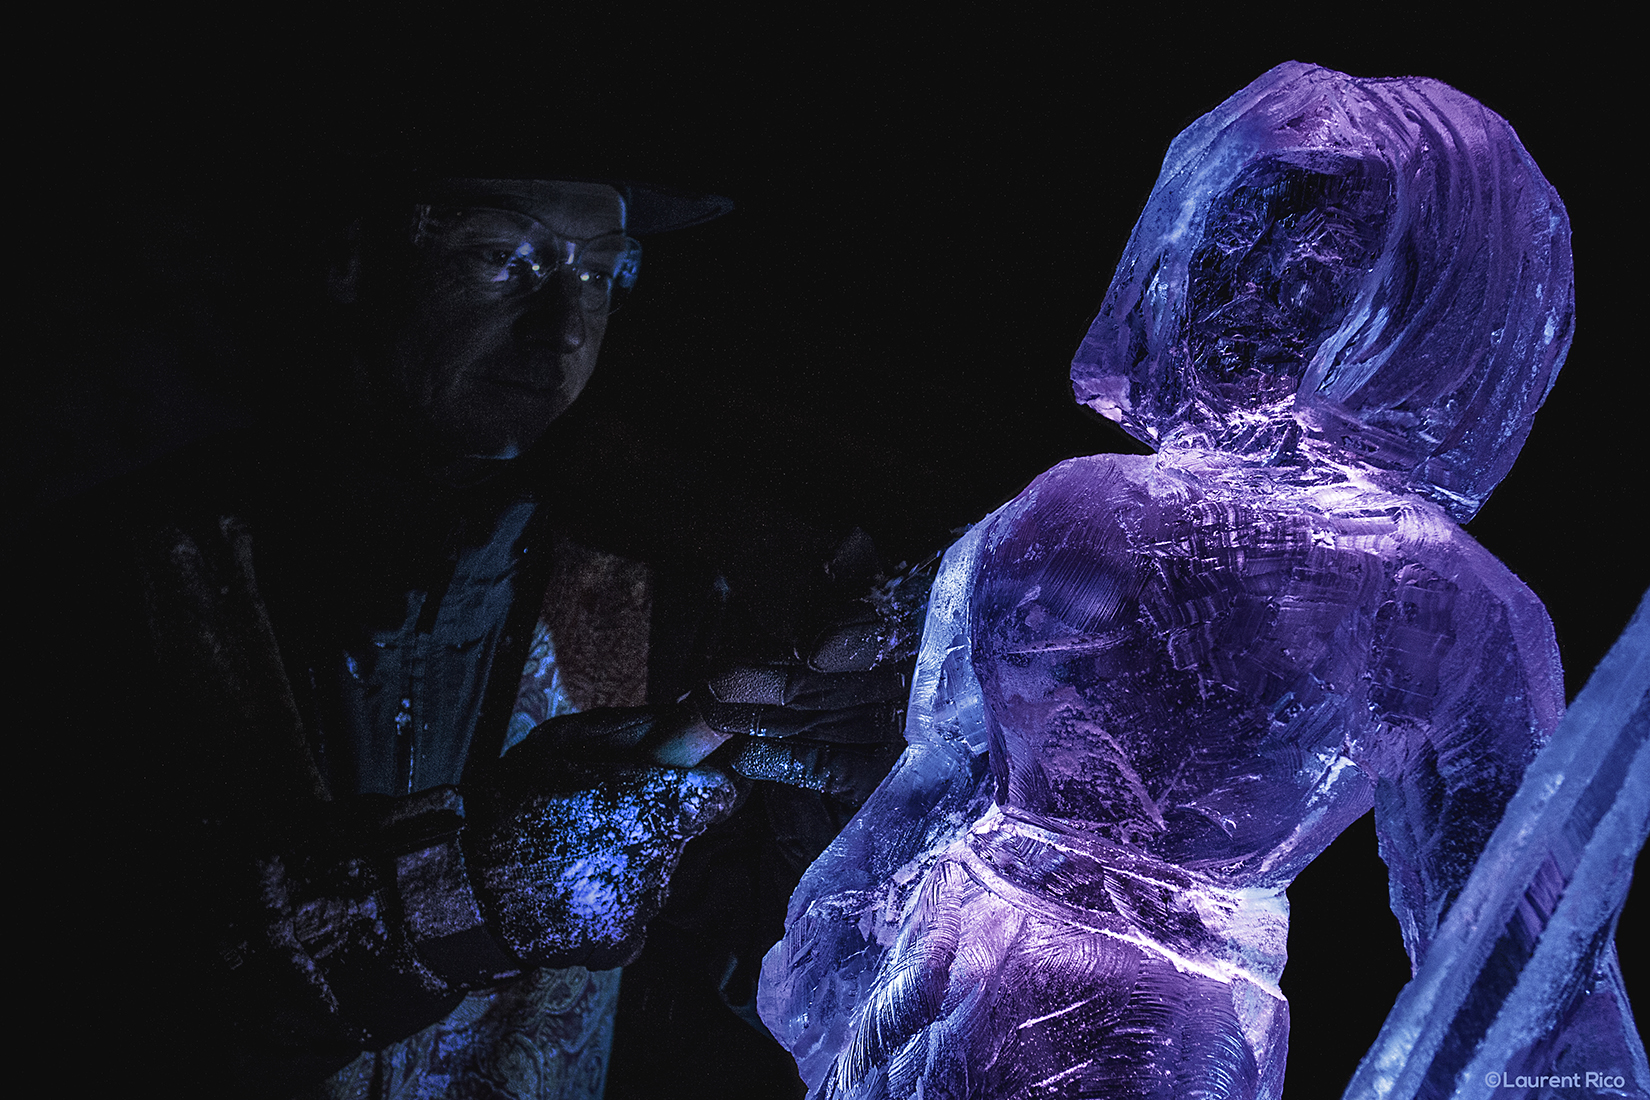 laurent rico-entreprise-creations- realisations-productions audiovisuelles-manifestations-evenements-expositions-photographies-savoie-isere-grenoble-sculpture sur glace-christian burger-artiste-